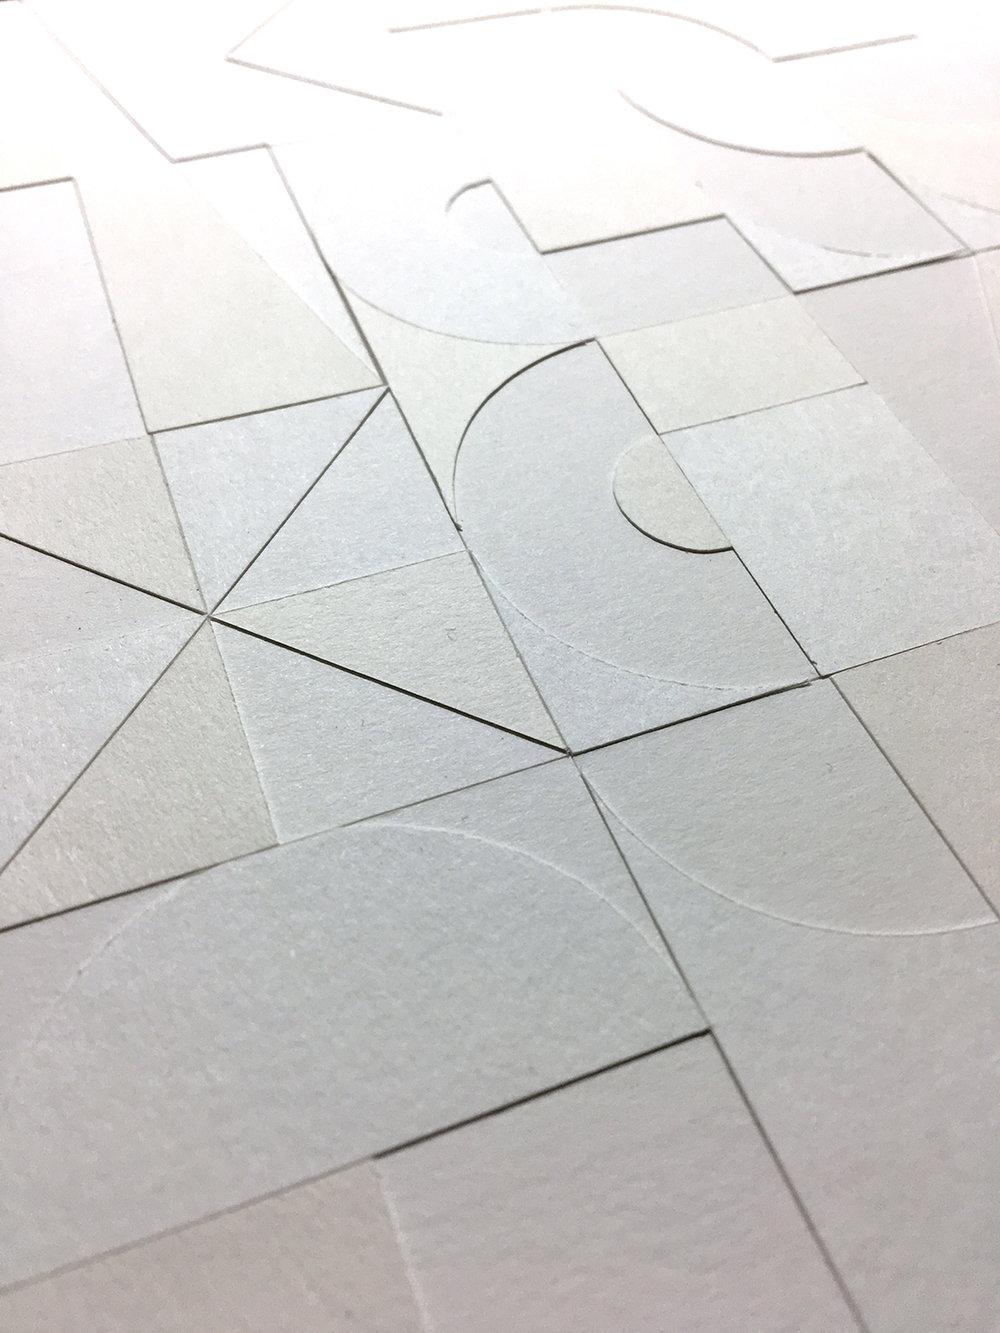 Paper_Detail.jpg